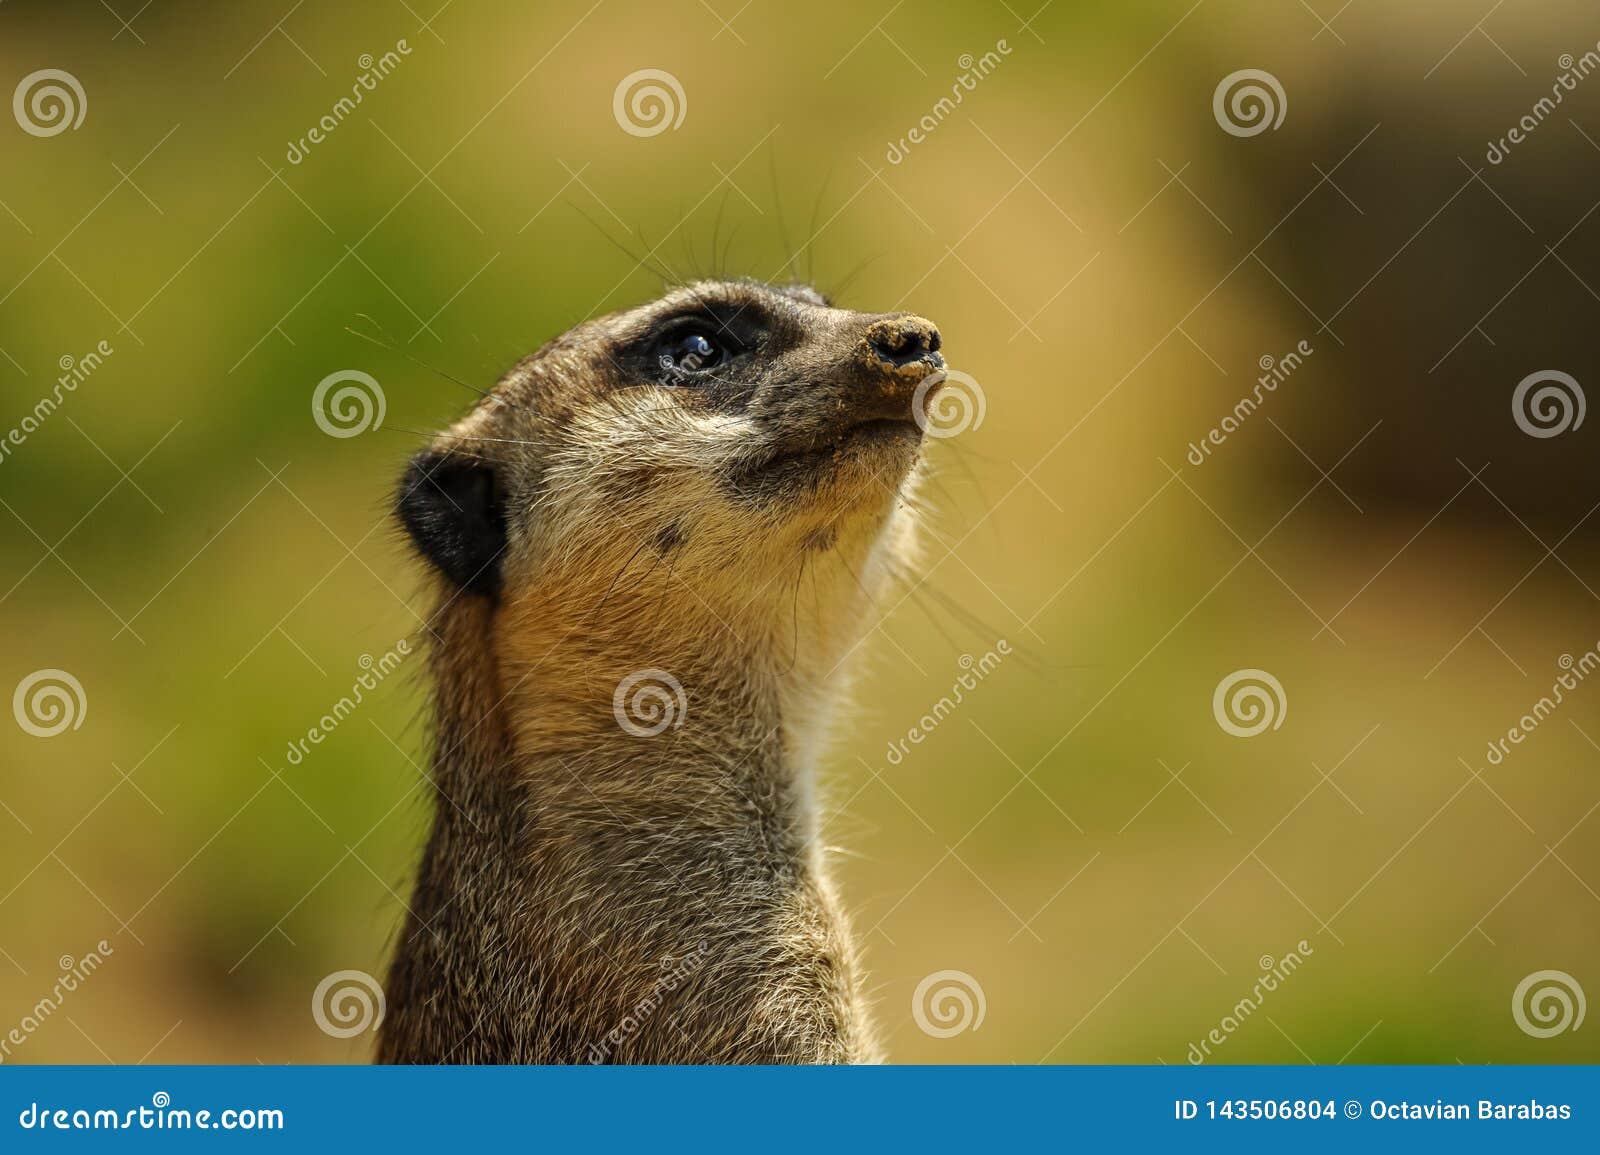 Alert meerkat watching upwards portrait